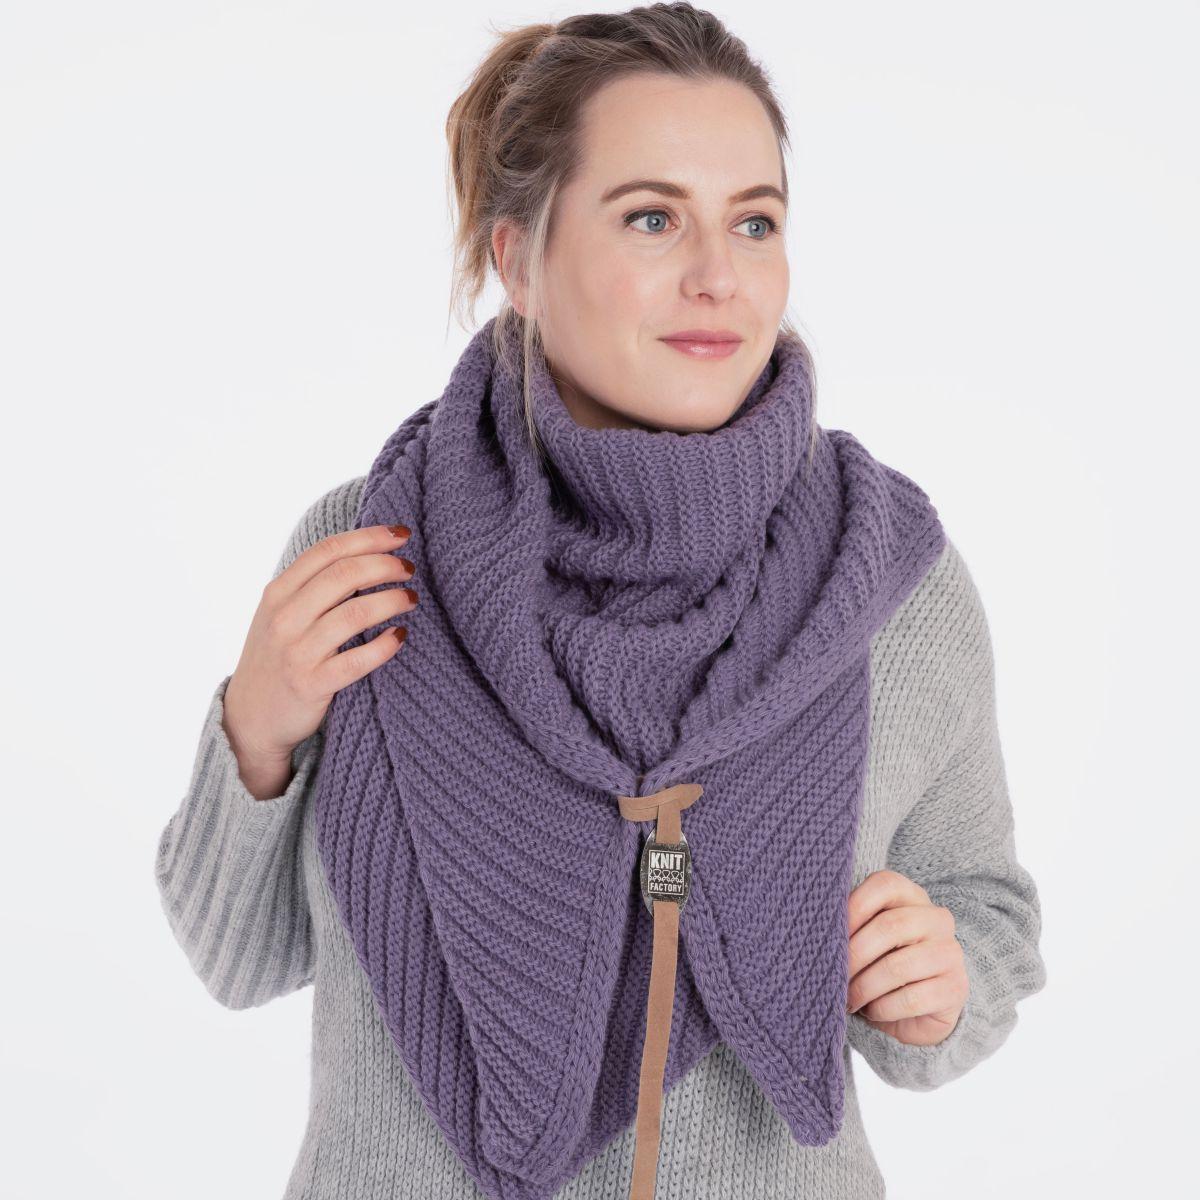 knit factory kf14706004350 demy omslagdoek violet 2